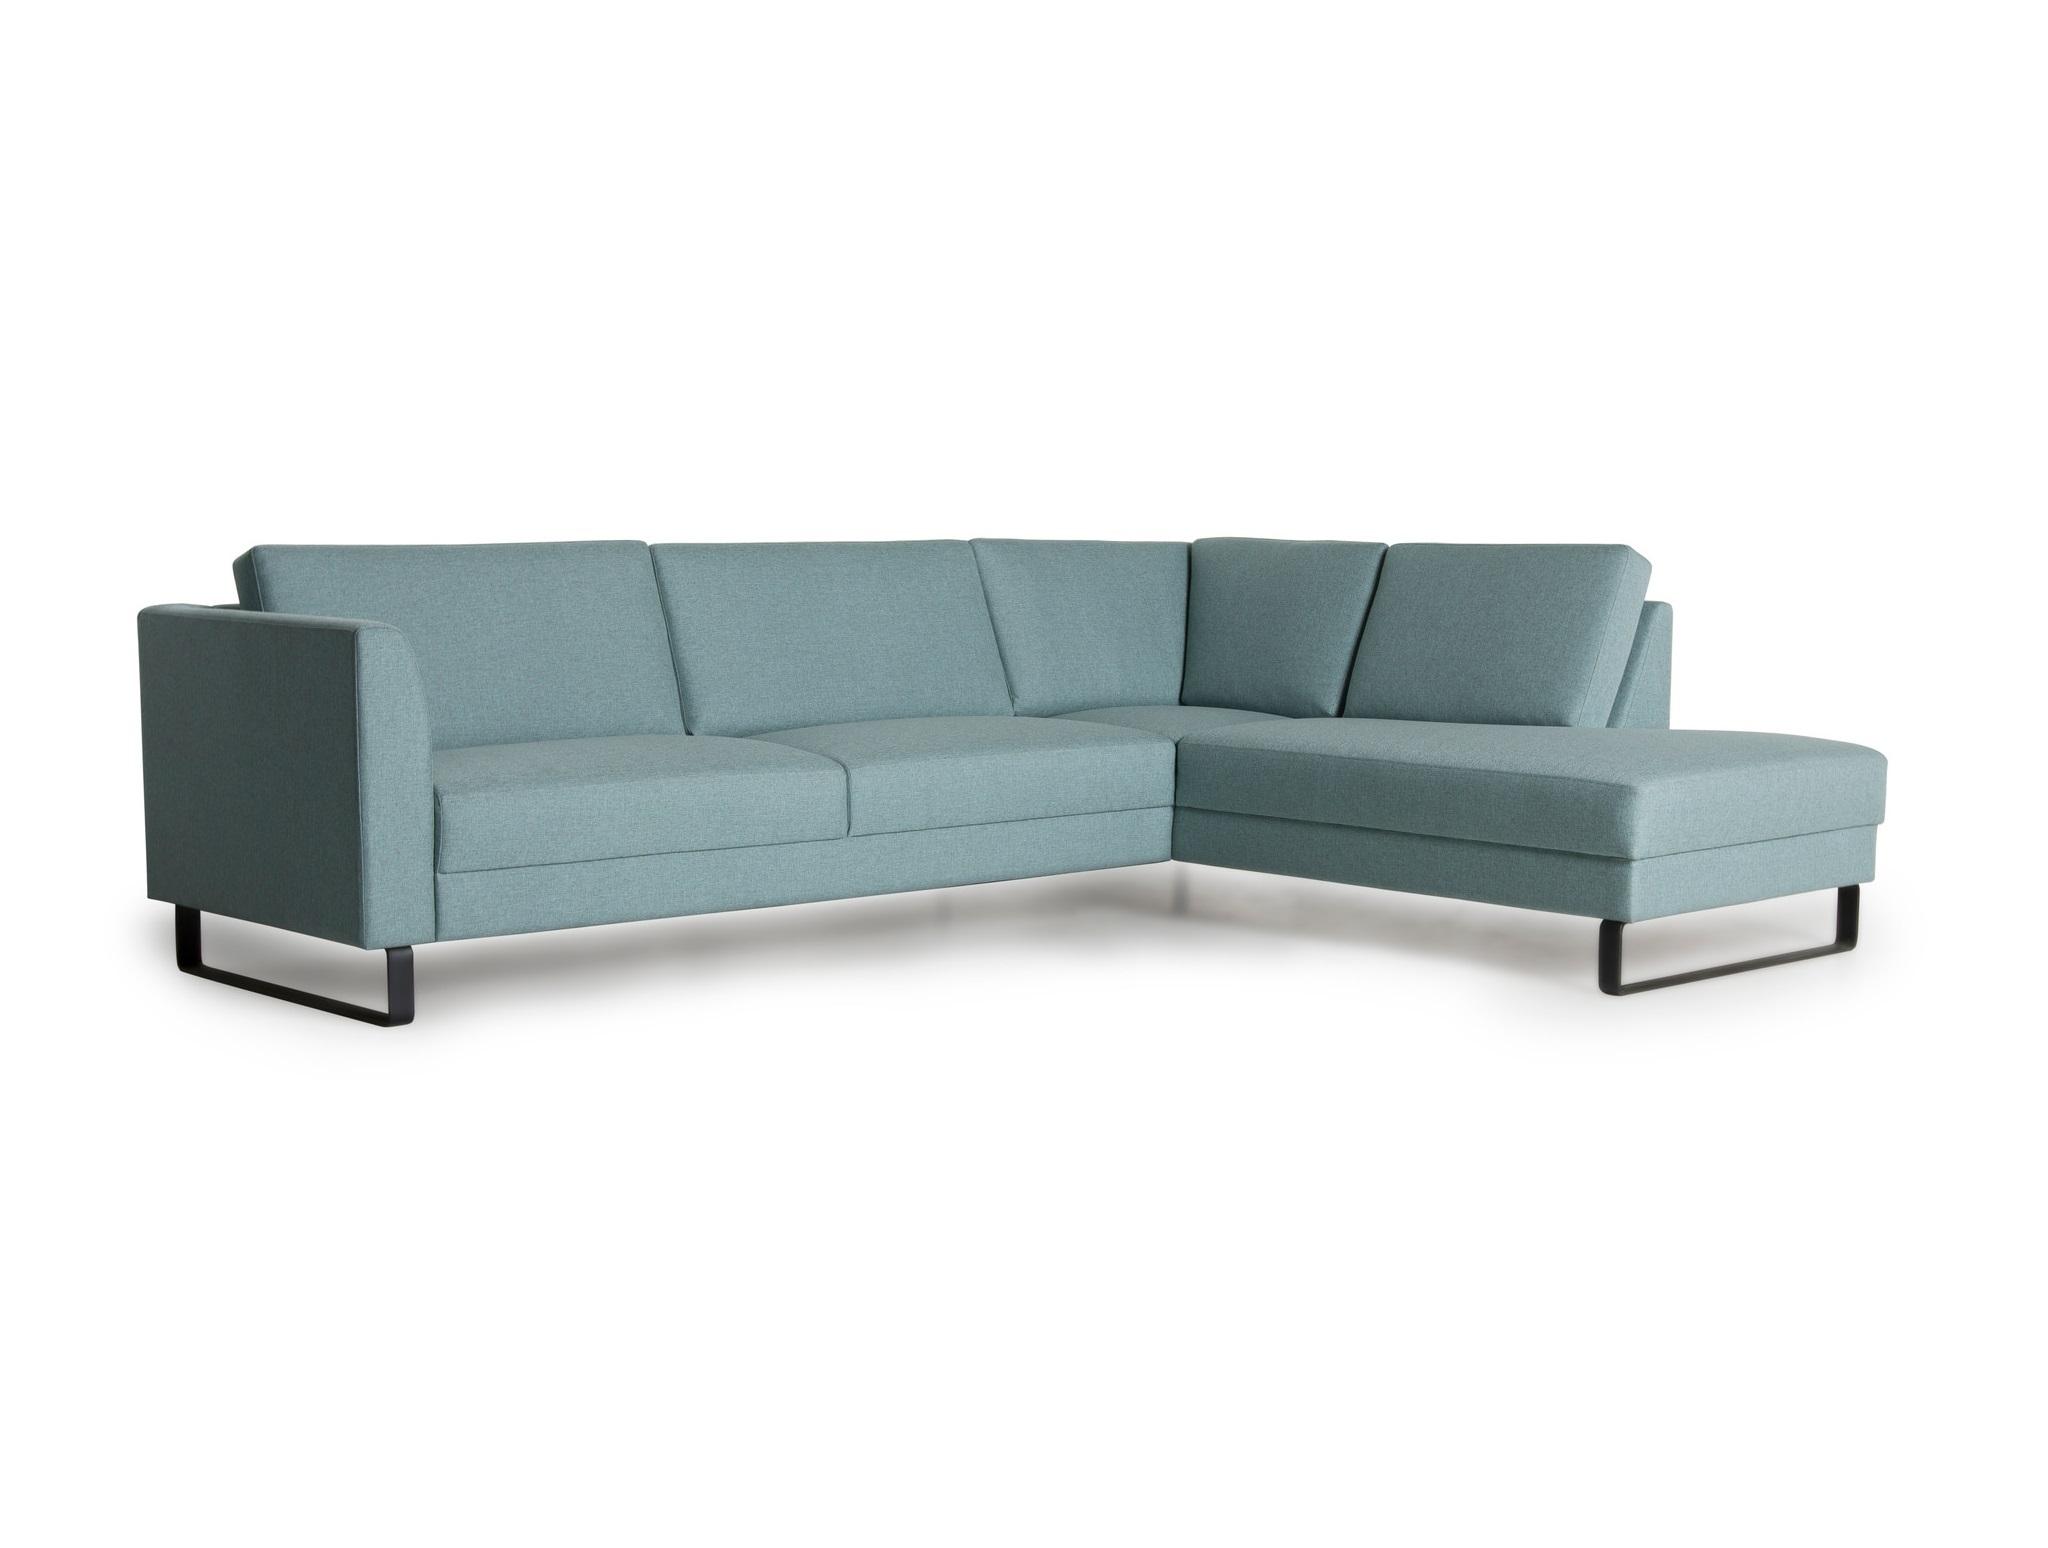 Диван ОулуУгловые диваны<br>Диван Оулу  позволяет рационально использовать пространство комнаты благодаря модульной системе. Отличительной чертой дизайна дивана Оулу являются ножки салазки, что особенно хорошо смотрится в современных интерьерах. Наполнители подушек дивана двухслойные для большего комфорта и износостойкости. На диване Оулу приятным будет отдых для Вас и Ваших близких. Угол можно выбрать самому (угол определяется сидя на диване).&amp;lt;div&amp;gt;&amp;lt;br&amp;gt;&amp;lt;div&amp;gt;Каркас (комбинации дерева, фанеры и ЛДСП). Для сидячих подушек используют пену различной плотности, а также перо и силиконовое волокно. Для задних подушек есть пять видов наполнения: пена, измельченная пена, пена высокой эластичности, силиконовые волокно.&amp;amp;nbsp;&amp;lt;/div&amp;gt;&amp;lt;div&amp;gt;Материал обивки: 100% PP полипропиленовое волокно.&amp;amp;nbsp;&amp;lt;/div&amp;gt;&amp;lt;/div&amp;gt;<br><br>Material: Текстиль<br>Ширина см: 287.0<br>Высота см: 88.0<br>Глубина см: 213.0